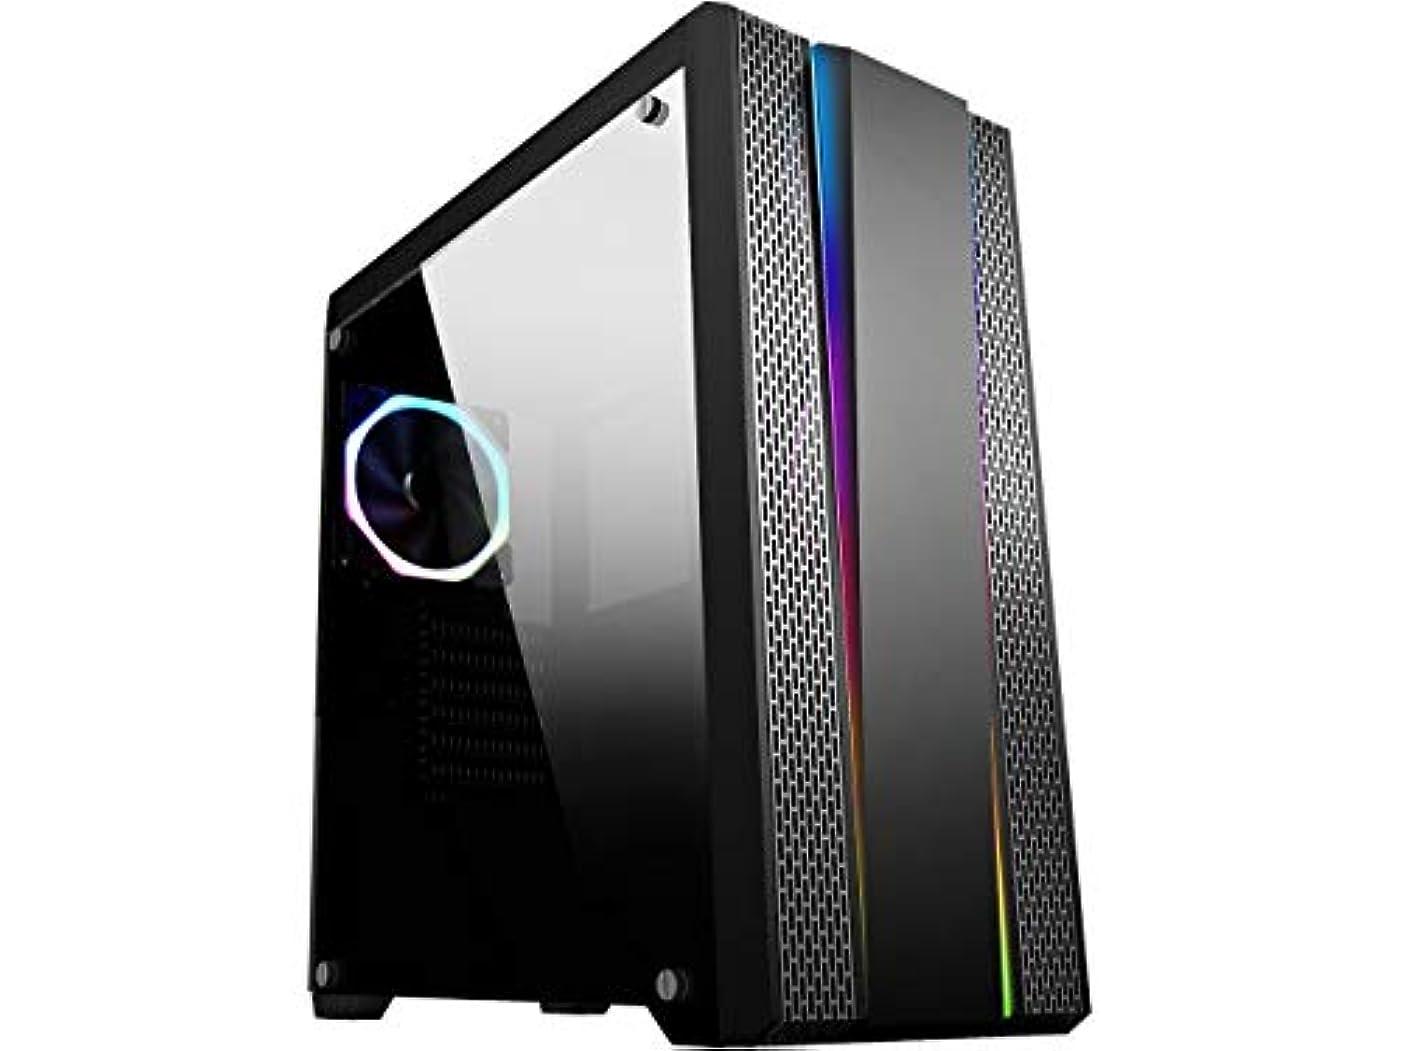 フォーラム自治ターミナルSAMA Proxima-RGB ブラック デュアル USB3.0 スチール/強化ガラス ATX ミッドタワー ゲーミングコンピューターケース 強化ガラスパネル付き 調整可能 RGB ストリップとプリインストール済み 1 x RGB 調整可能 ファン (7色)